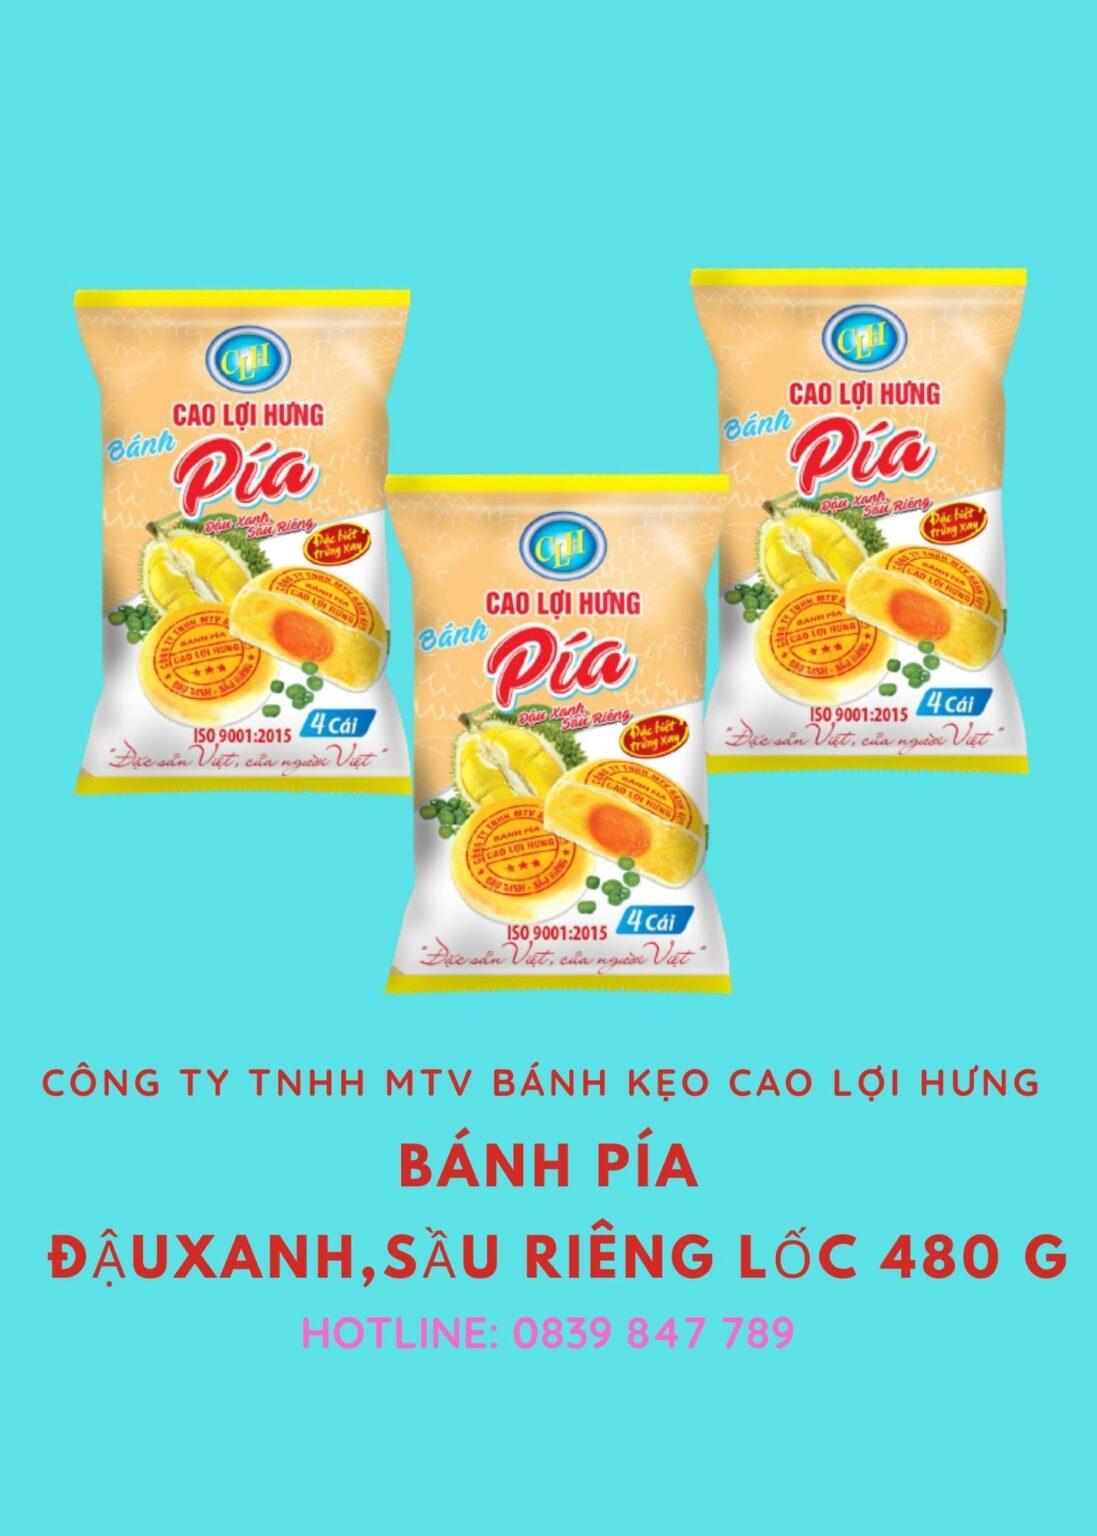 banh pia Cao Loi Hung 480 g